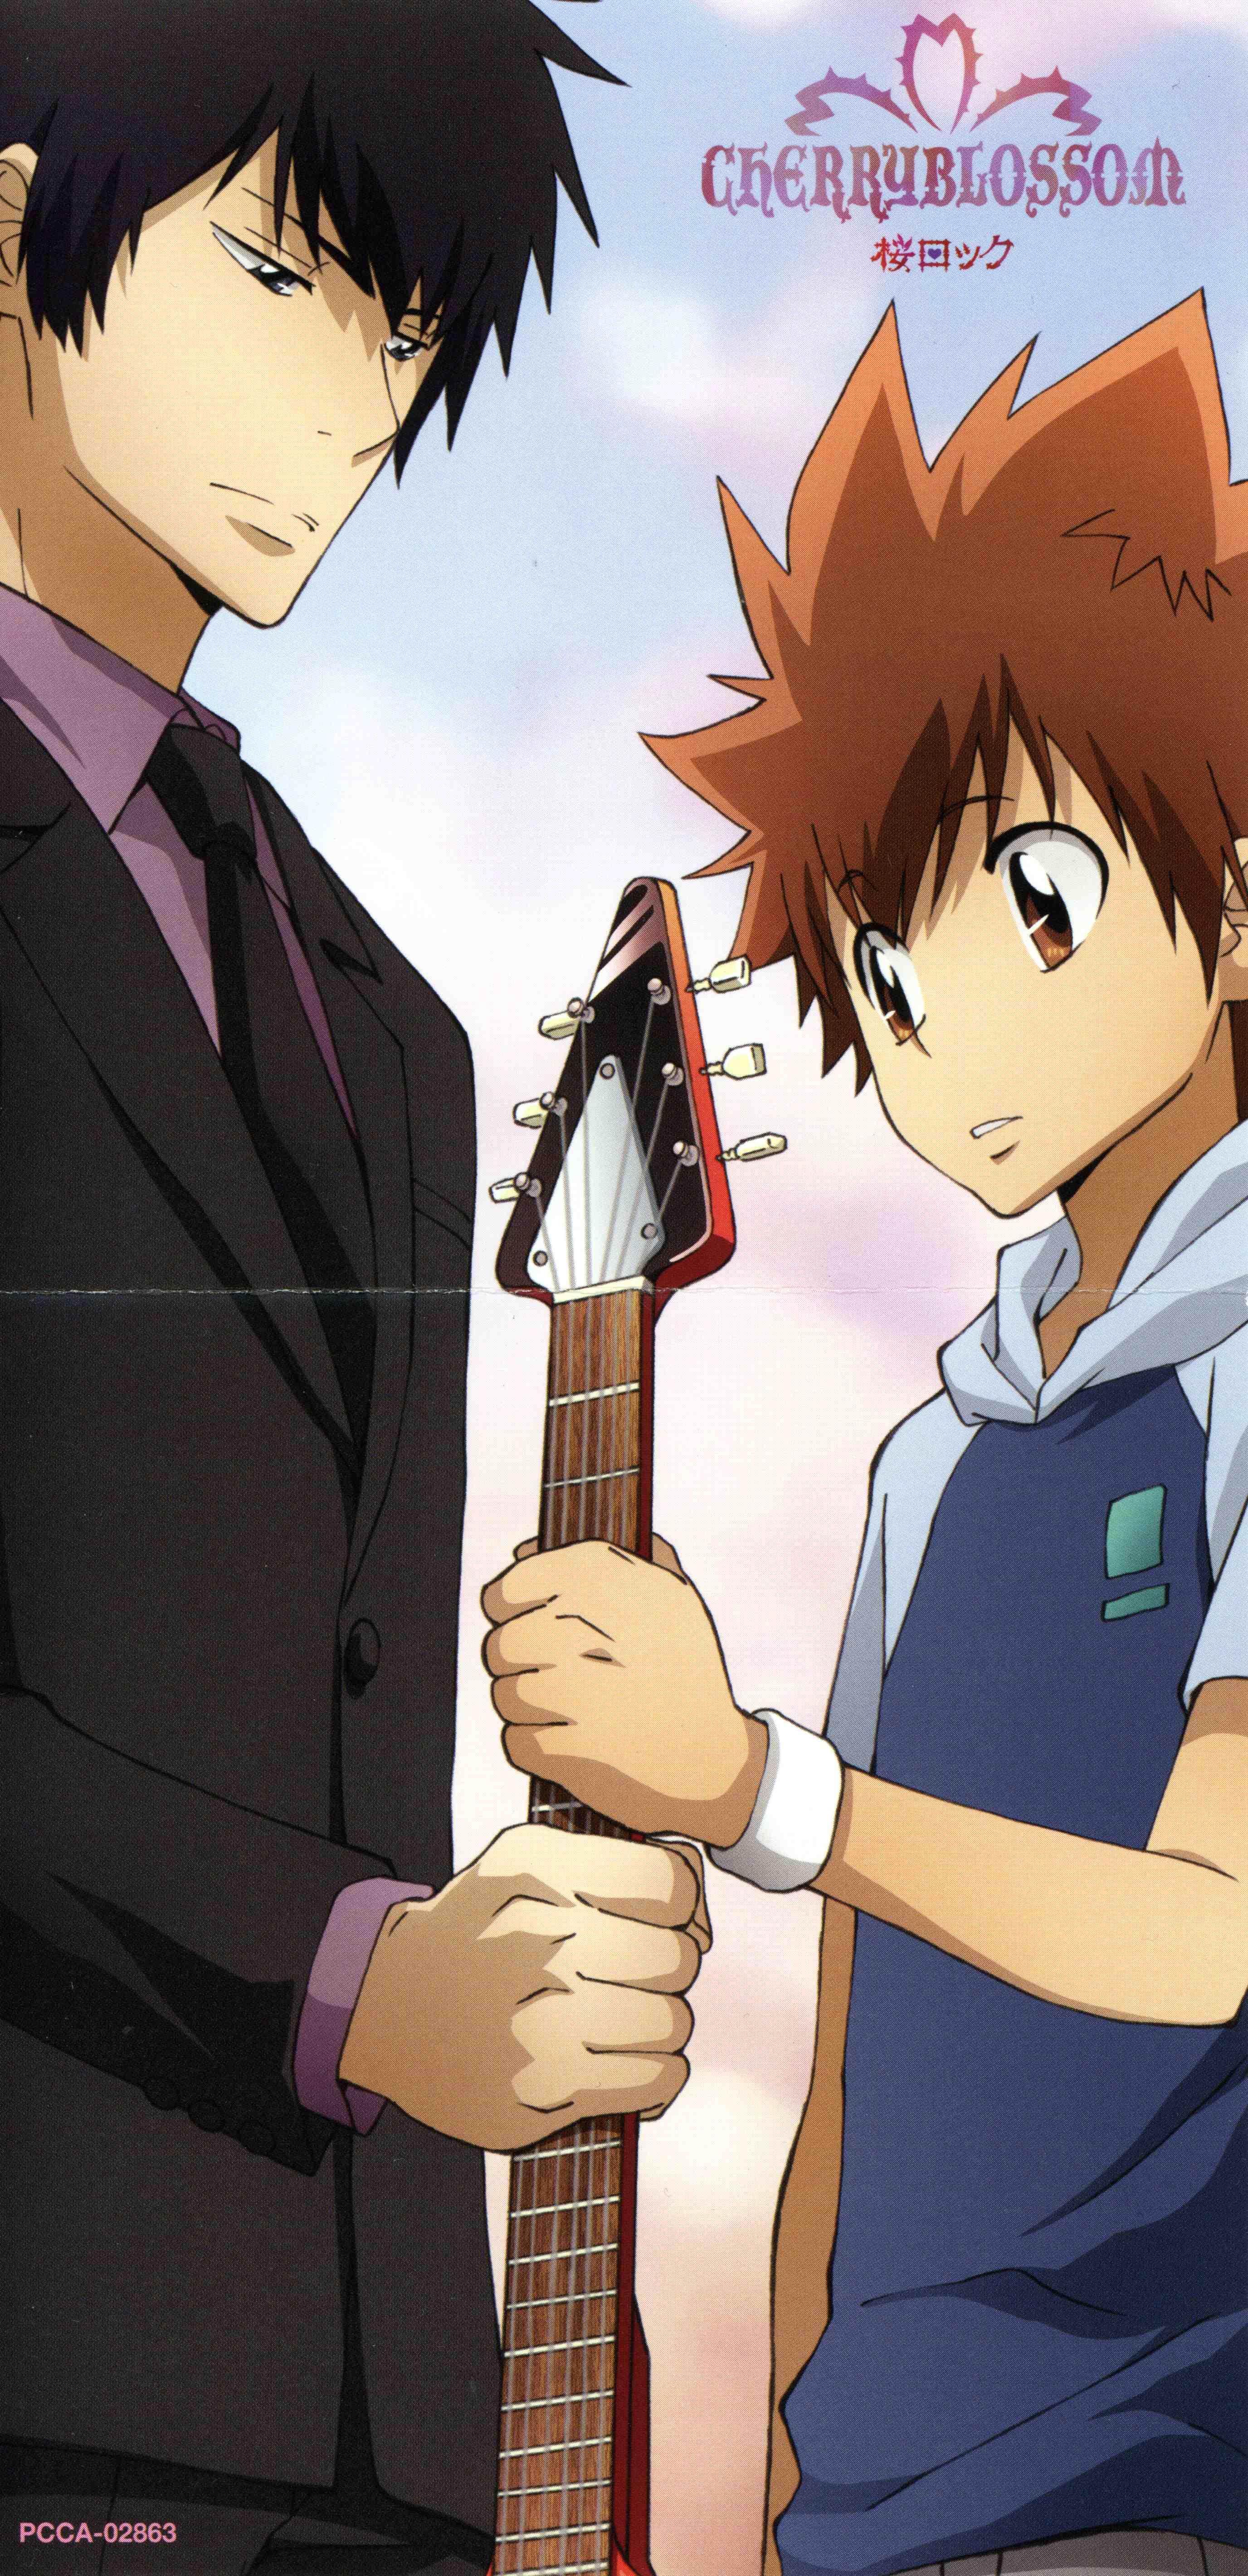 Katekyo Hitman Reborn Image 572715 Zerochan Anime Image Board